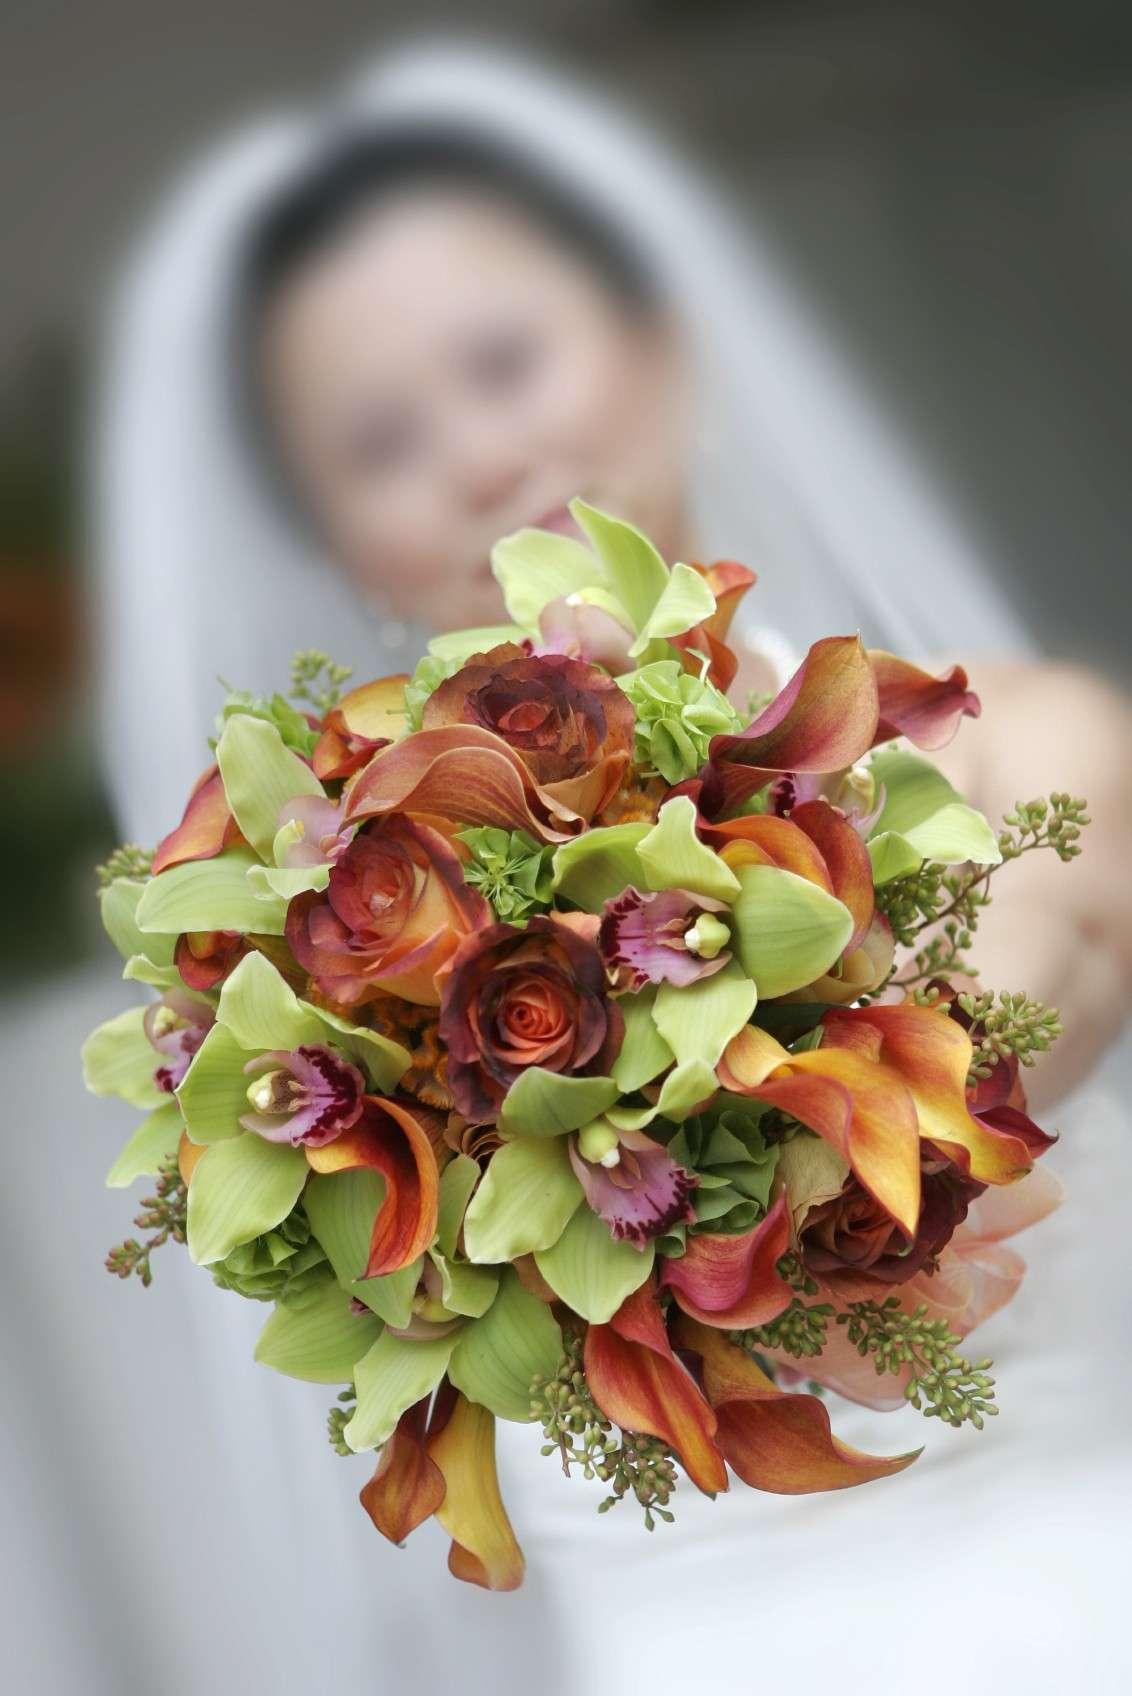 Addobbi di fiori autunnali per le nozze